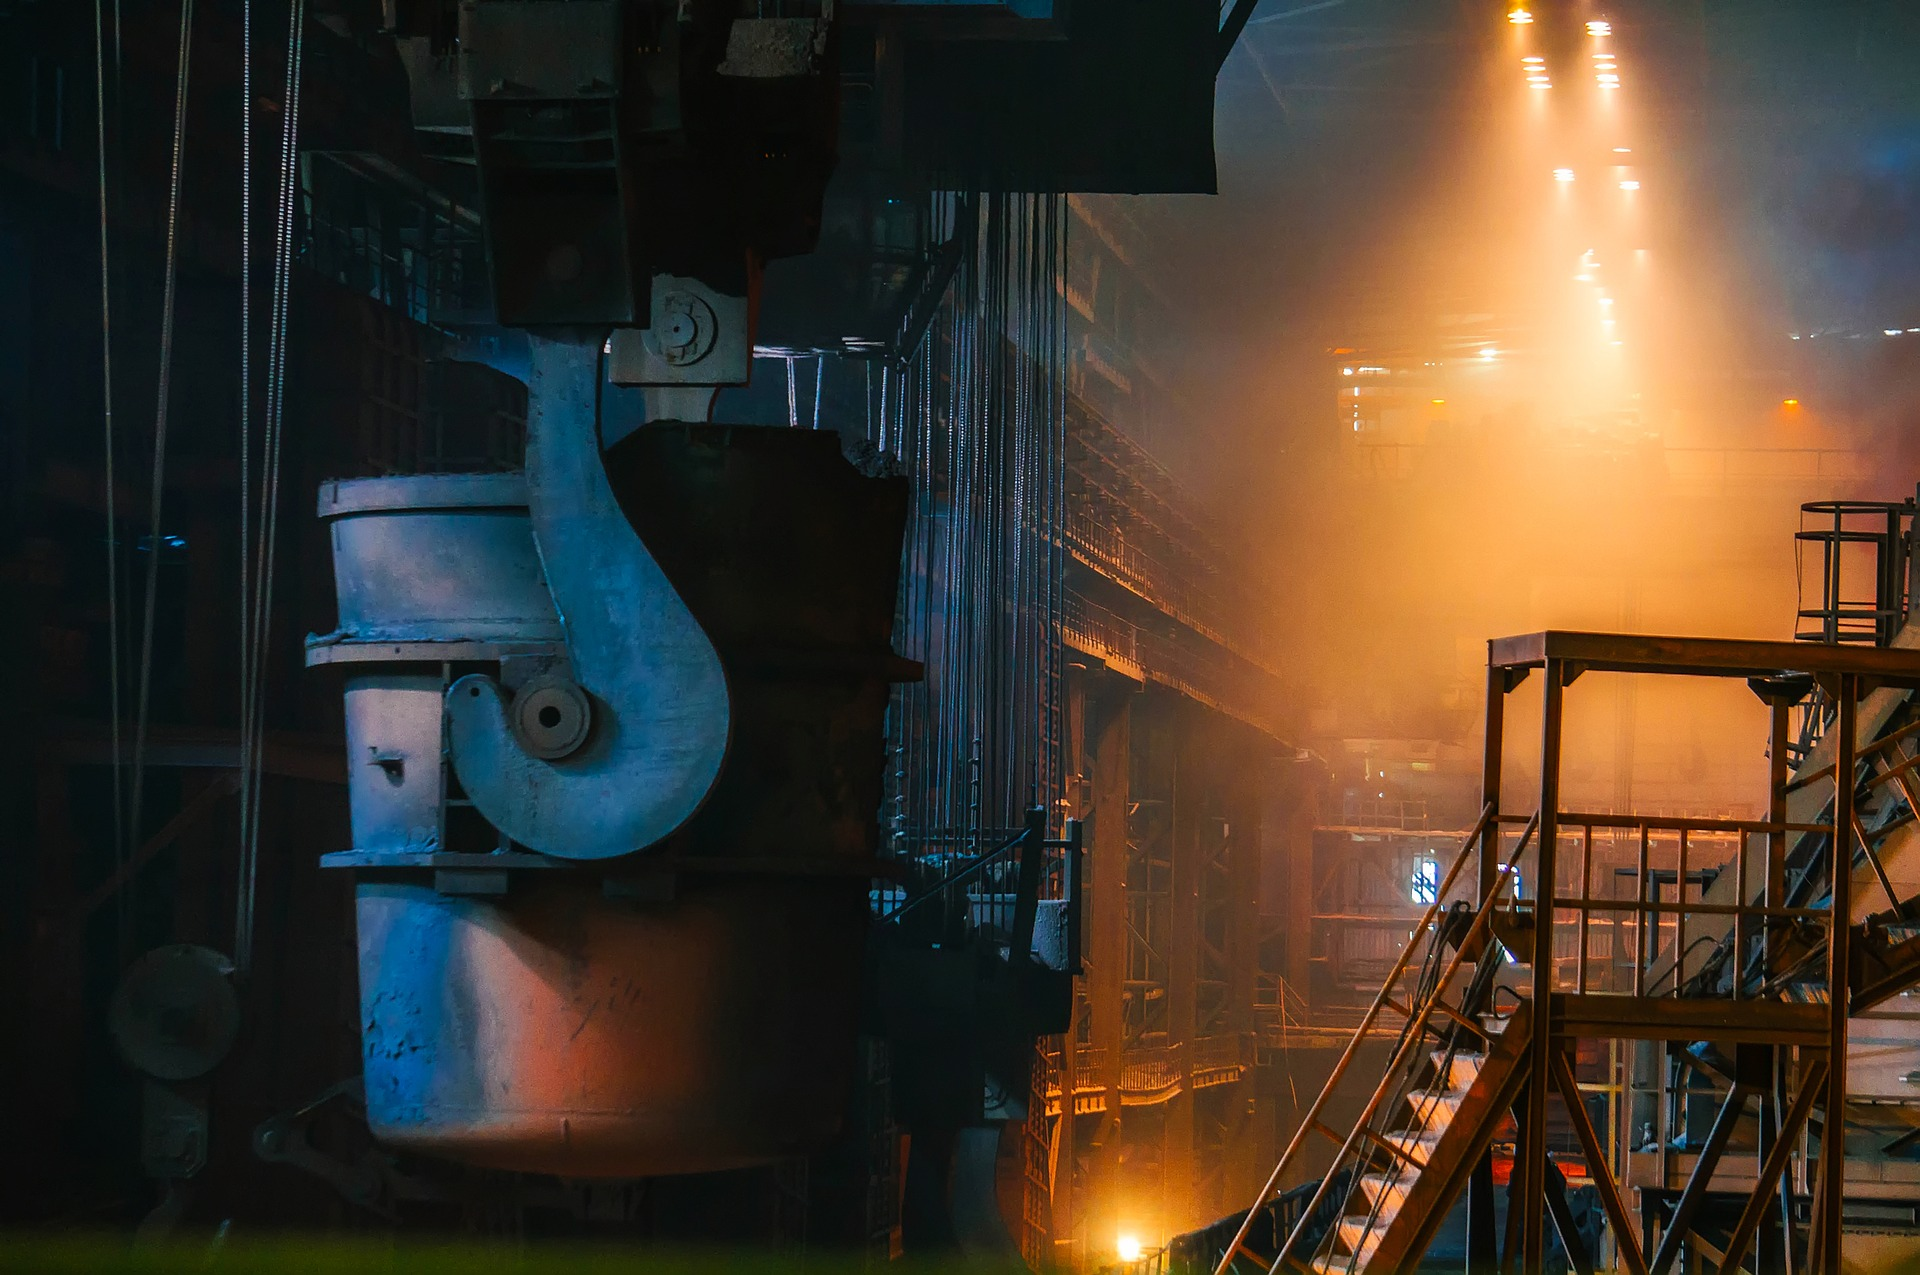 steel-1968194_1920